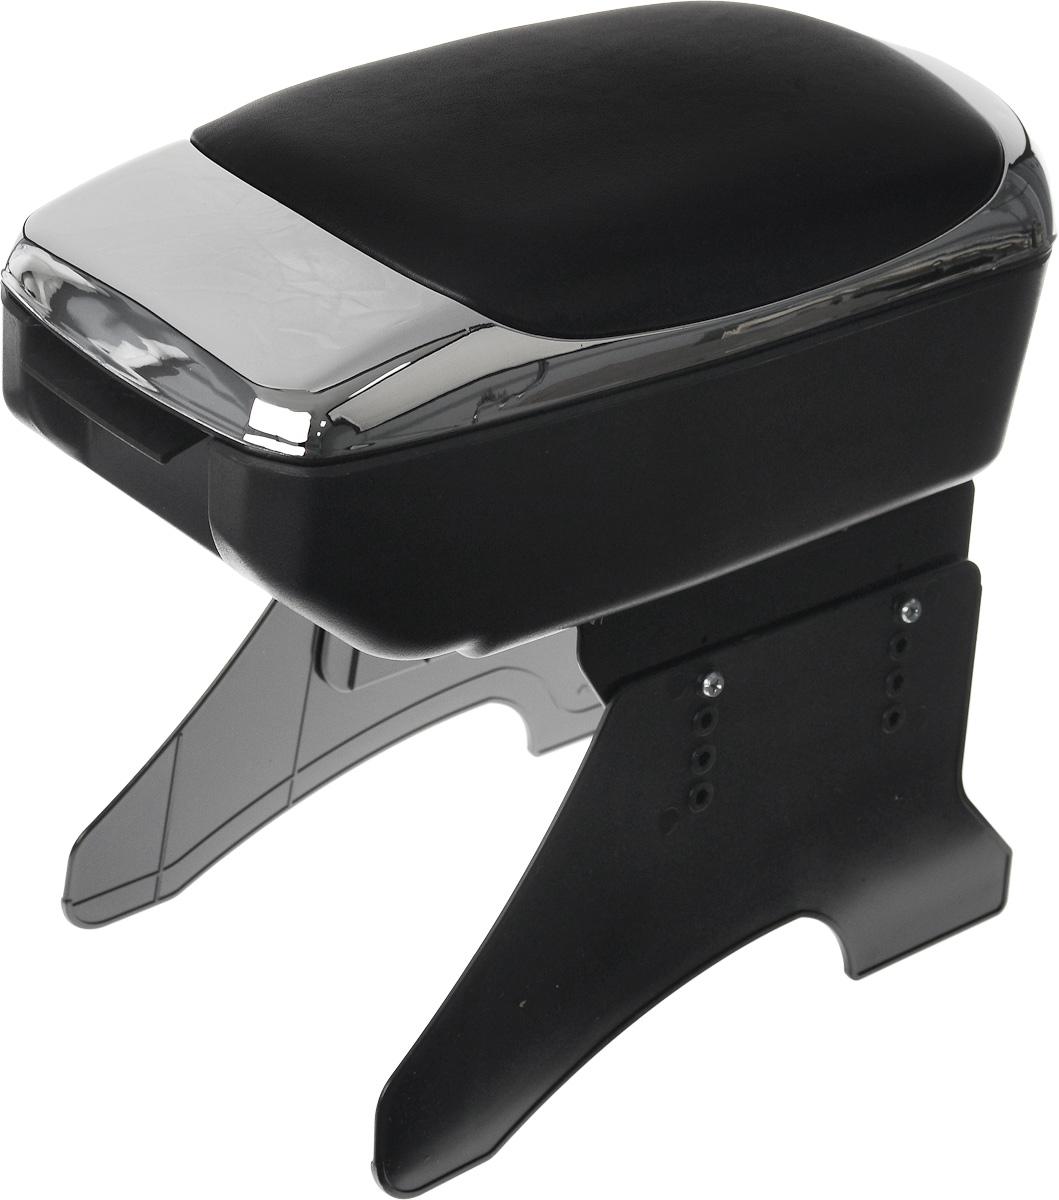 Подлокотник универсальный Azard, цвет: хром, черный511200Универсальный подлокотник Azard изготовлен из прочного пластика и снабжен мягкой вставкой из искусственной кожи. Практичный подлокотник оснащен просторным отсеком. Также имеется небольшая секция для мелочей. Закрывается на замок. Откидывающаяся крышка мягкая и прочная, она послужит удобной опорой для руки при вождении автомобиля. Подлокотник легко и быстро крепится между передними сиденьями автомобиля при помощи пластиковых ножек (крепеж входит в комплект). Подлокотник отлично вписывается в общую концепцию автомобиля, обеспечивая эргономичное использование пространства. Легко очищается мягкой тканью. Установка подлокотника не требует специальных навыков или инструментов и займет не более 10 минут. Установка подлокотника не снижает уровень безопасности автомобиля, не мешает креплению ремней безопасности, а также обеспечивает свободный доступ к рычагу стояночного тормоза. Модель соответствует стандарту ЕЭК ООН.